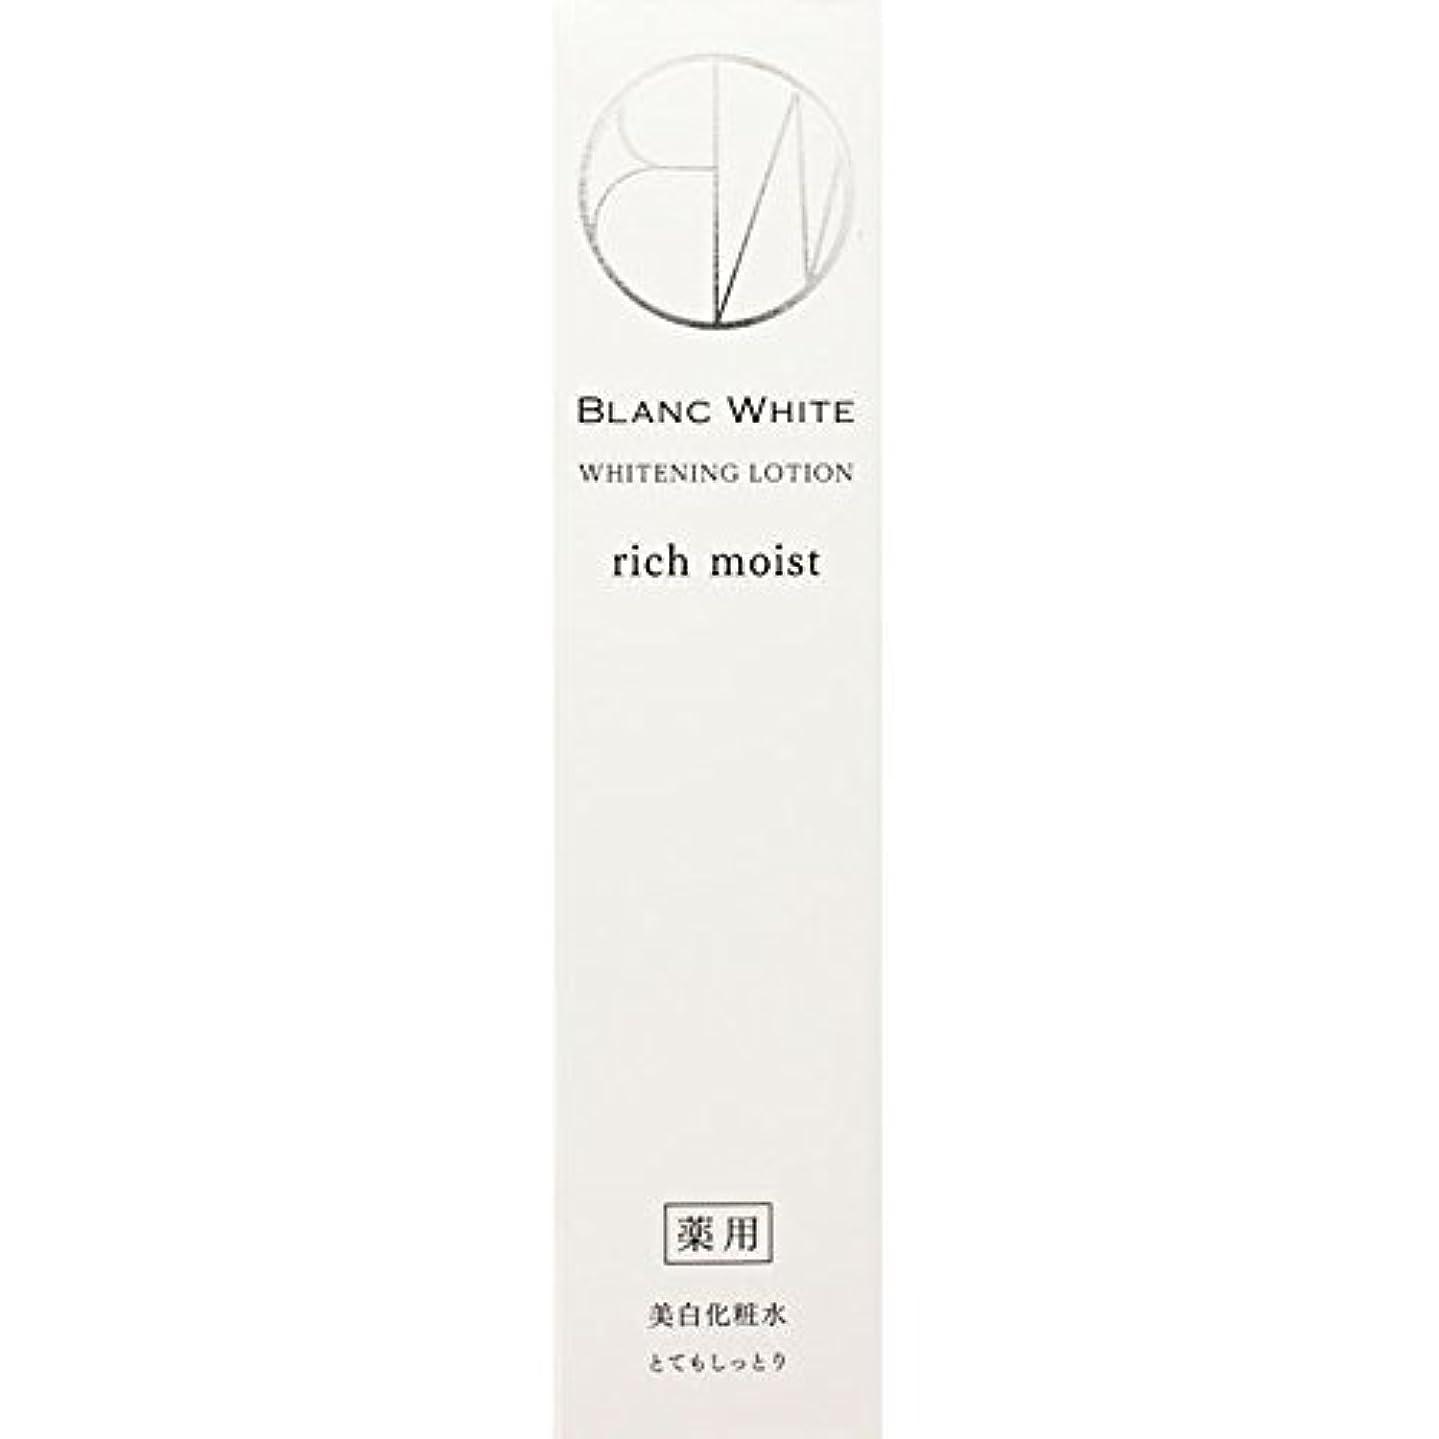 確認する追記ベリーナリス化粧品 ブランホワイト ホワイトニングローション リッチモイスト 160ml (医薬部外品)